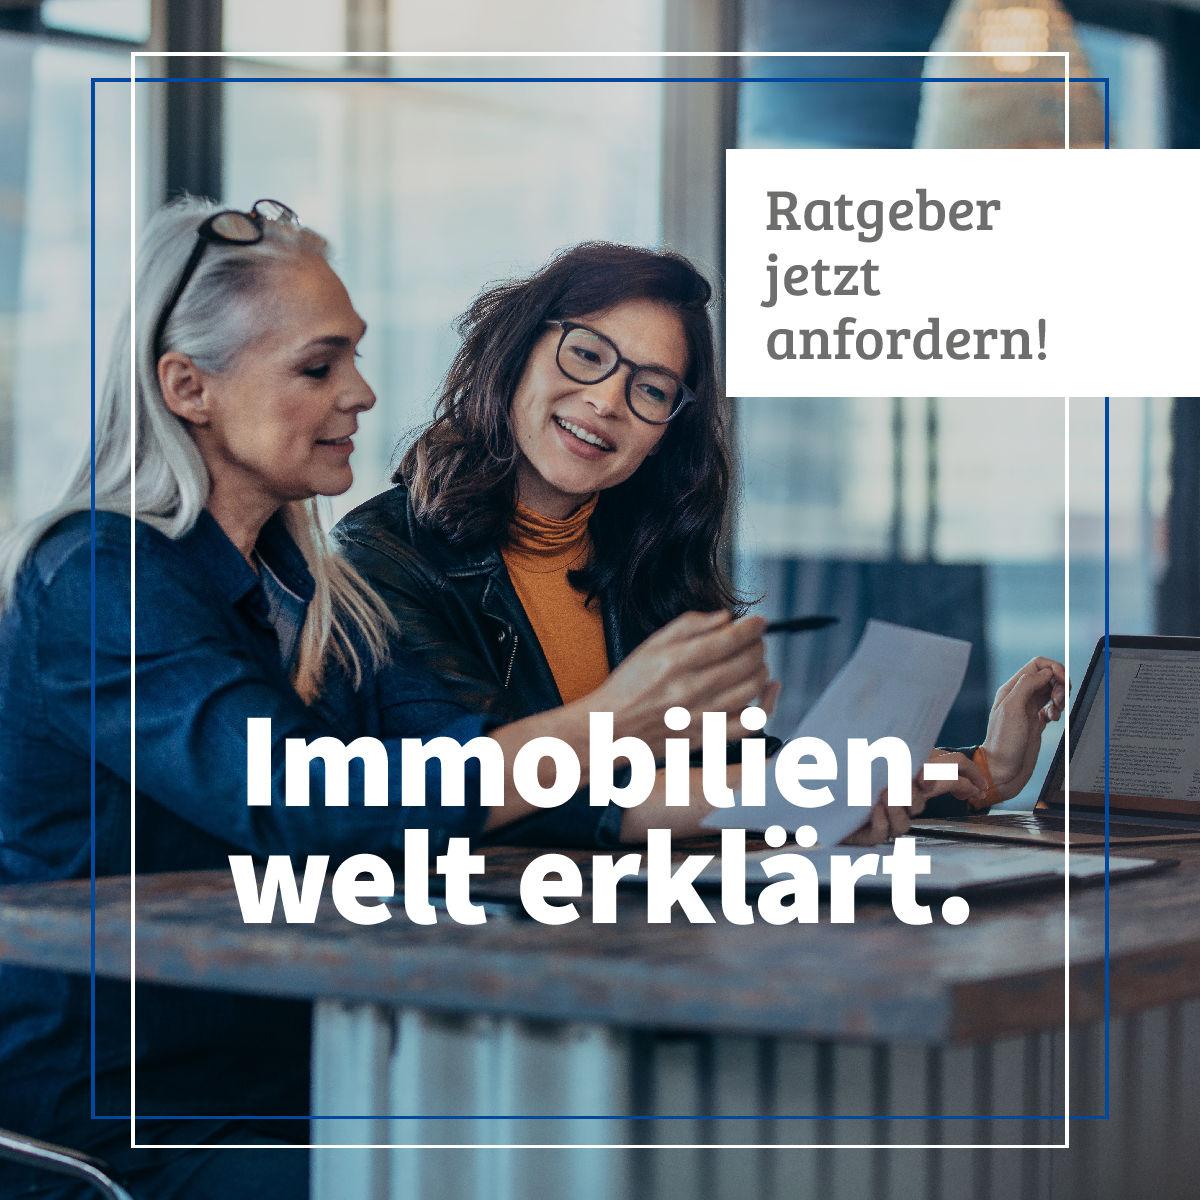 Mayer_und_Dau_Die_Immobilienwelt_erklärt_Social-Media